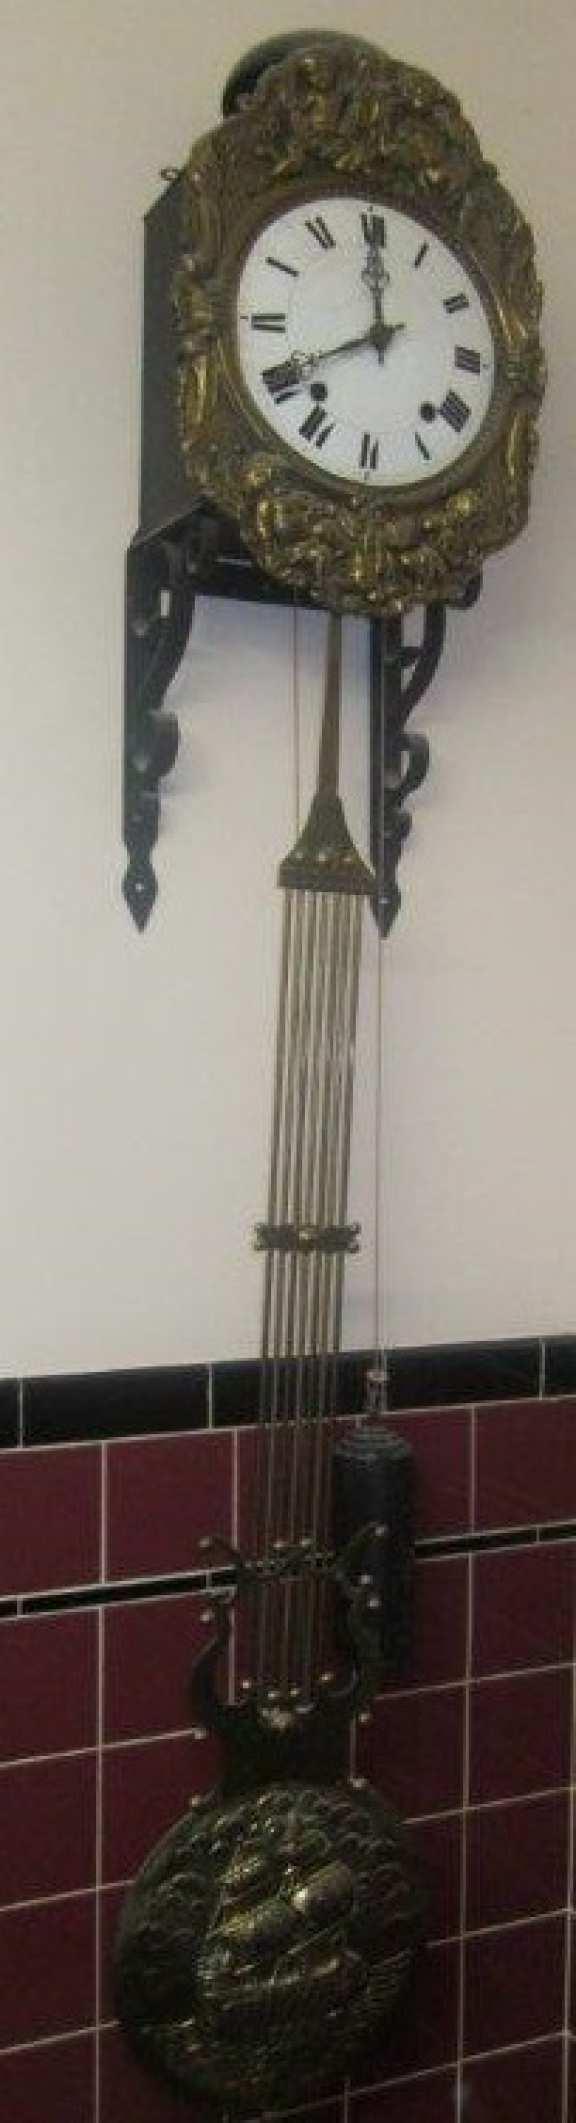 Mobier clock